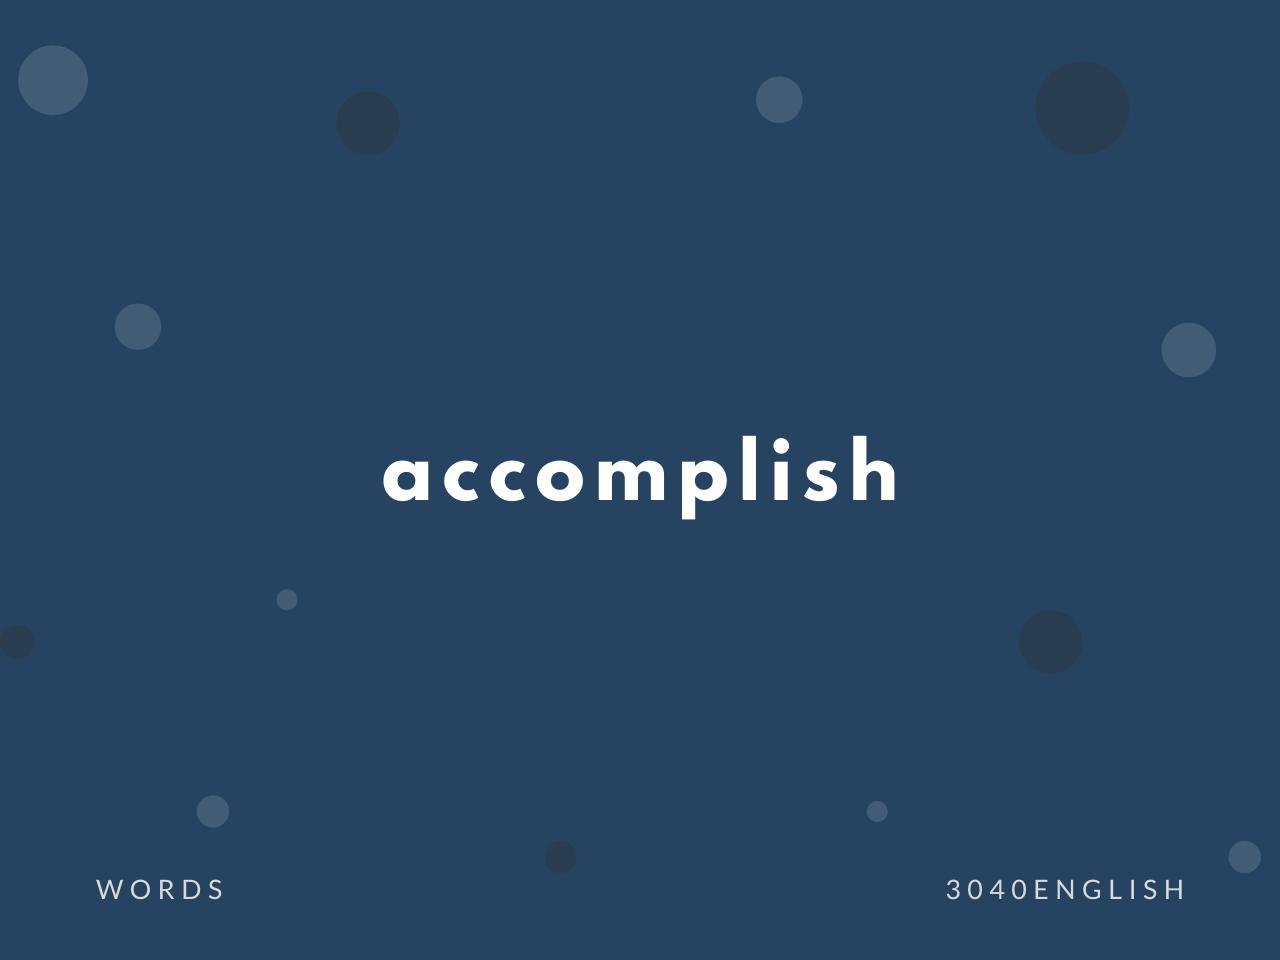 accomplish の意味と簡単な使い方【音読用例文あり】